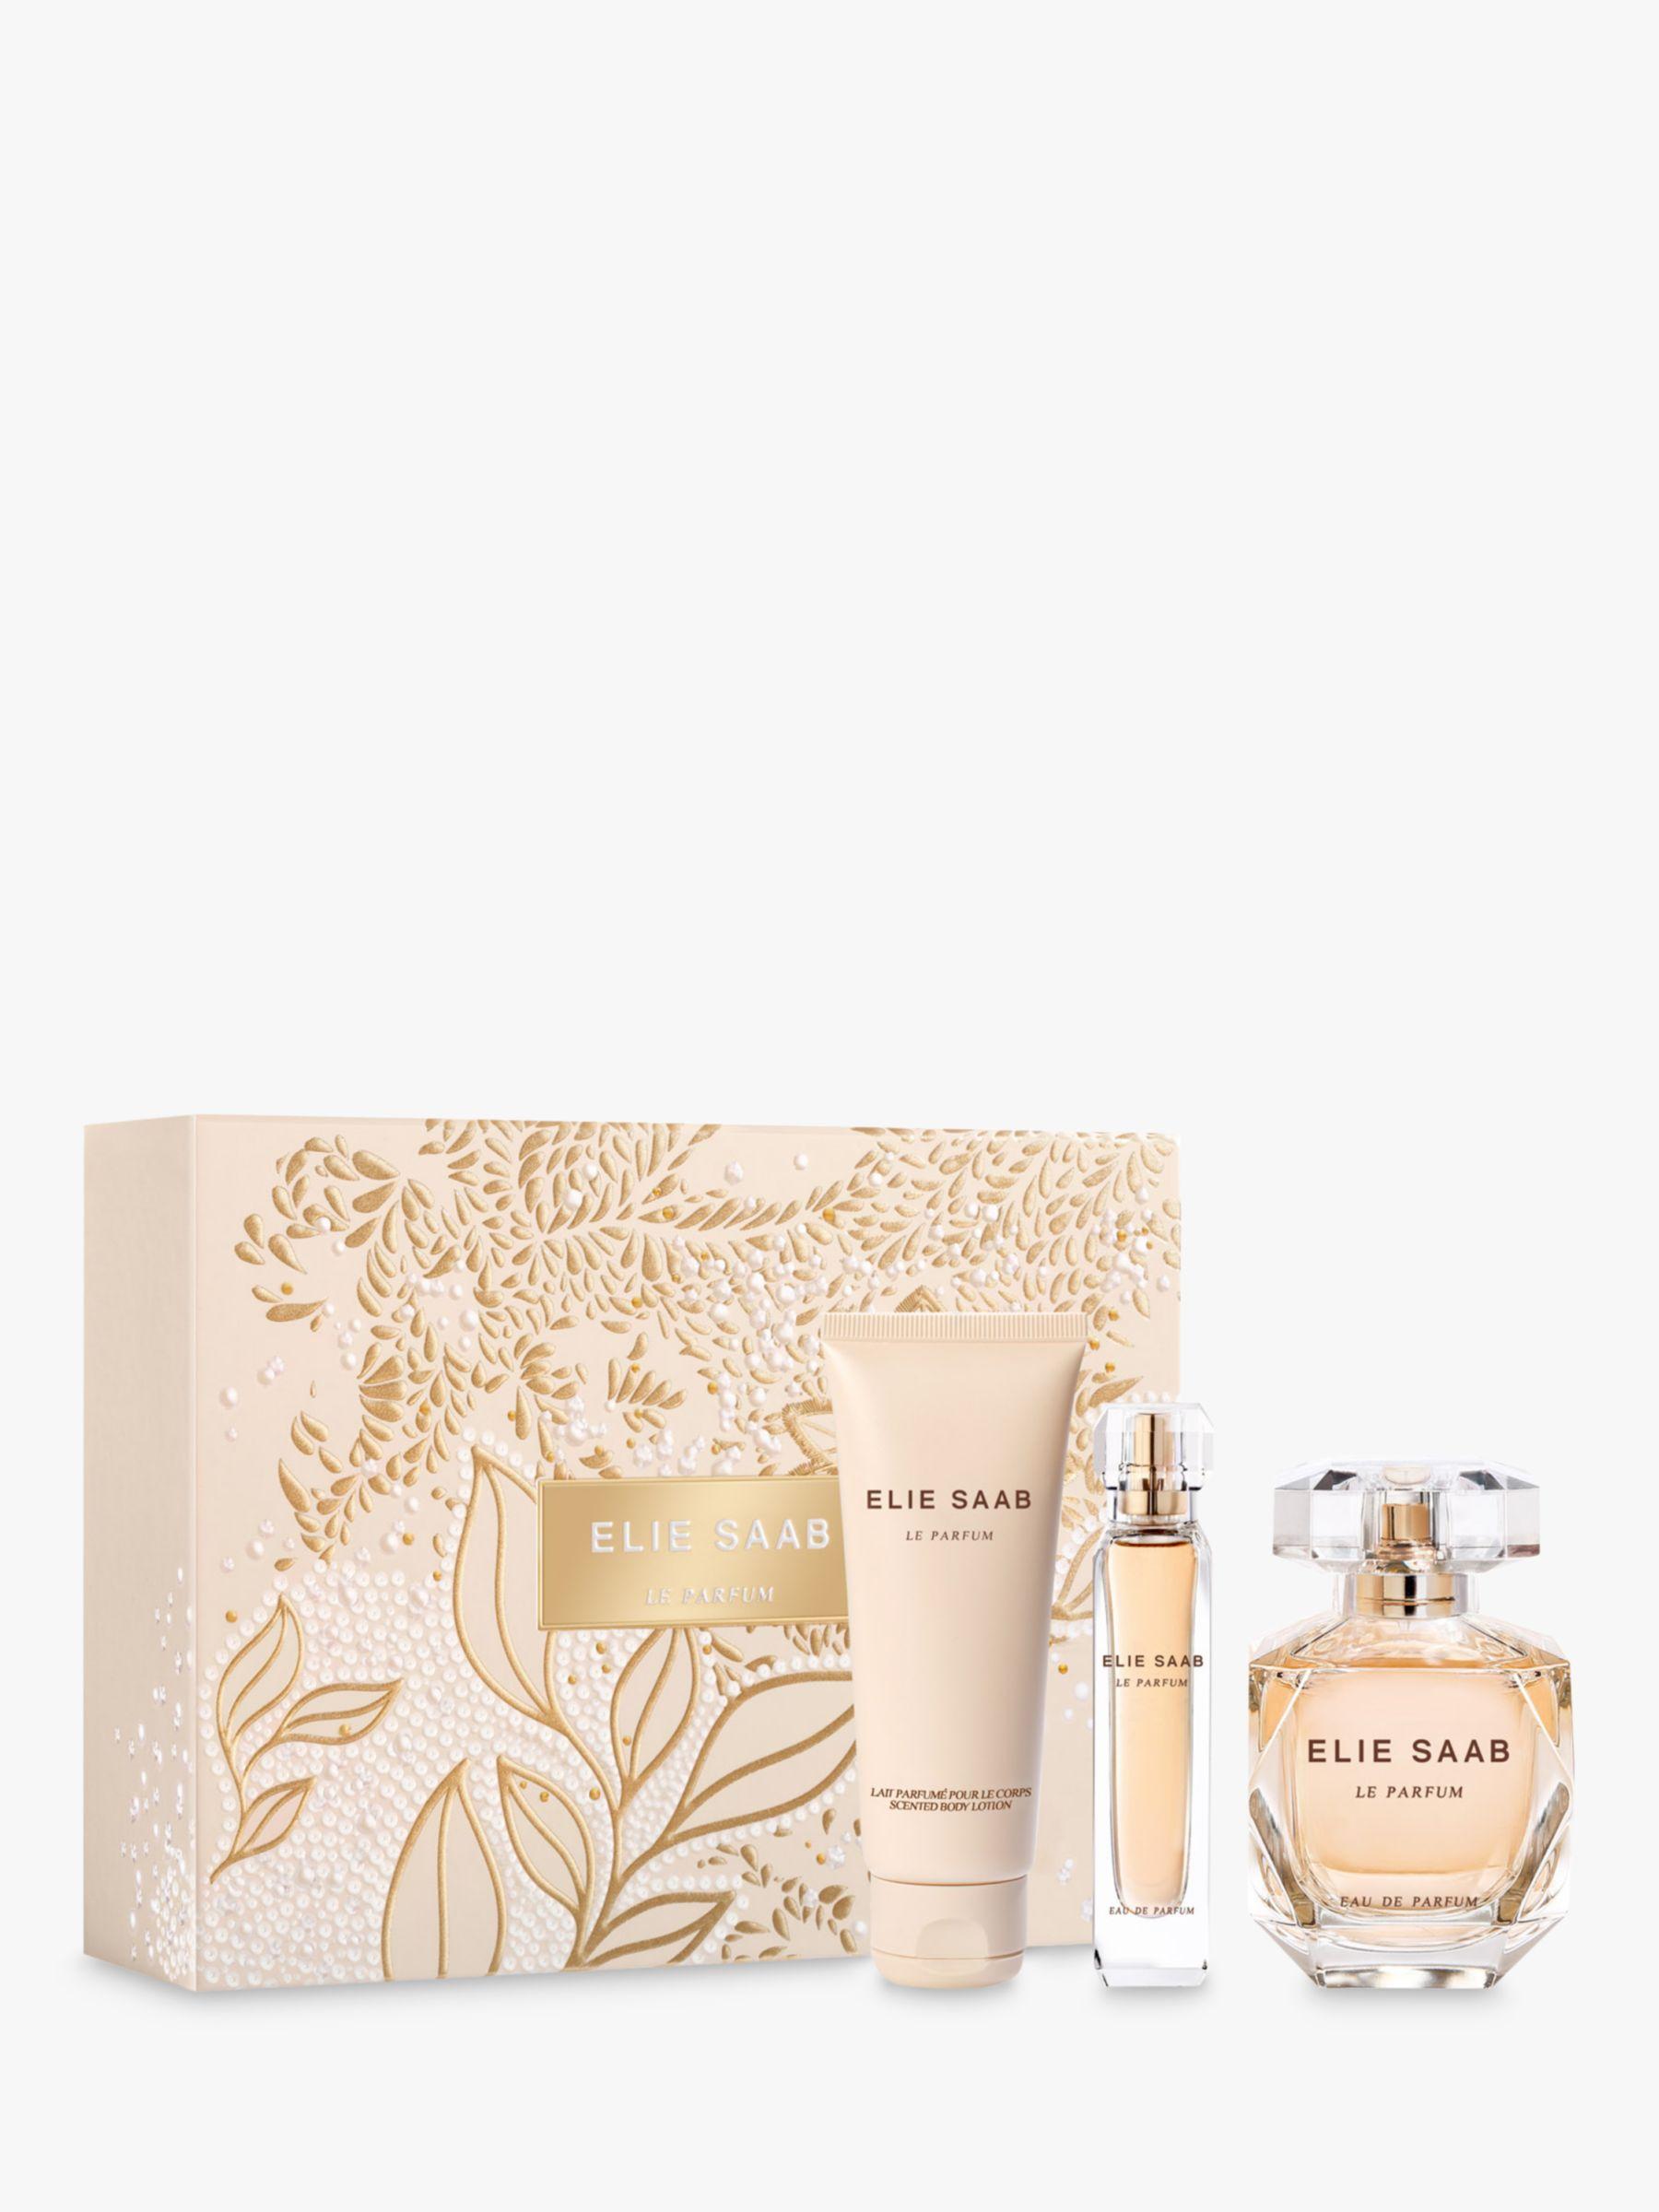 Perfume sets Elie Saab Beauty